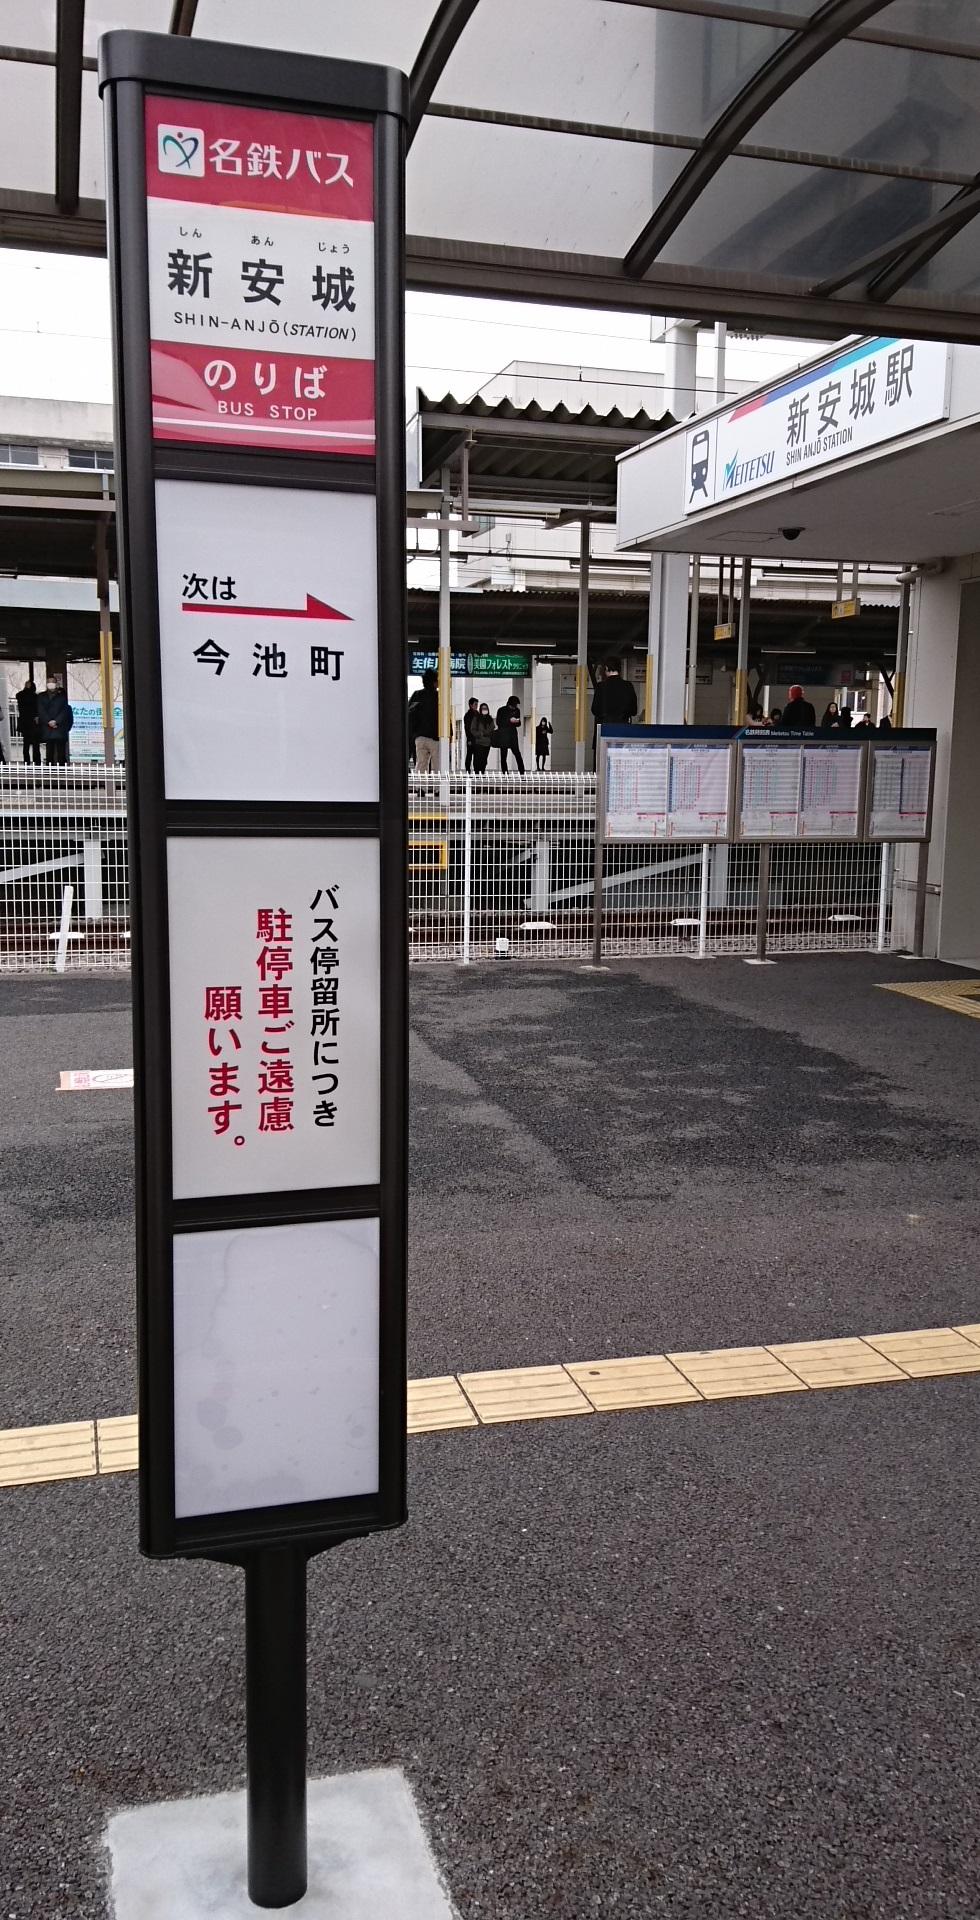 2017.3.14 (4) しんあんじょう=バスのりば 980-1920